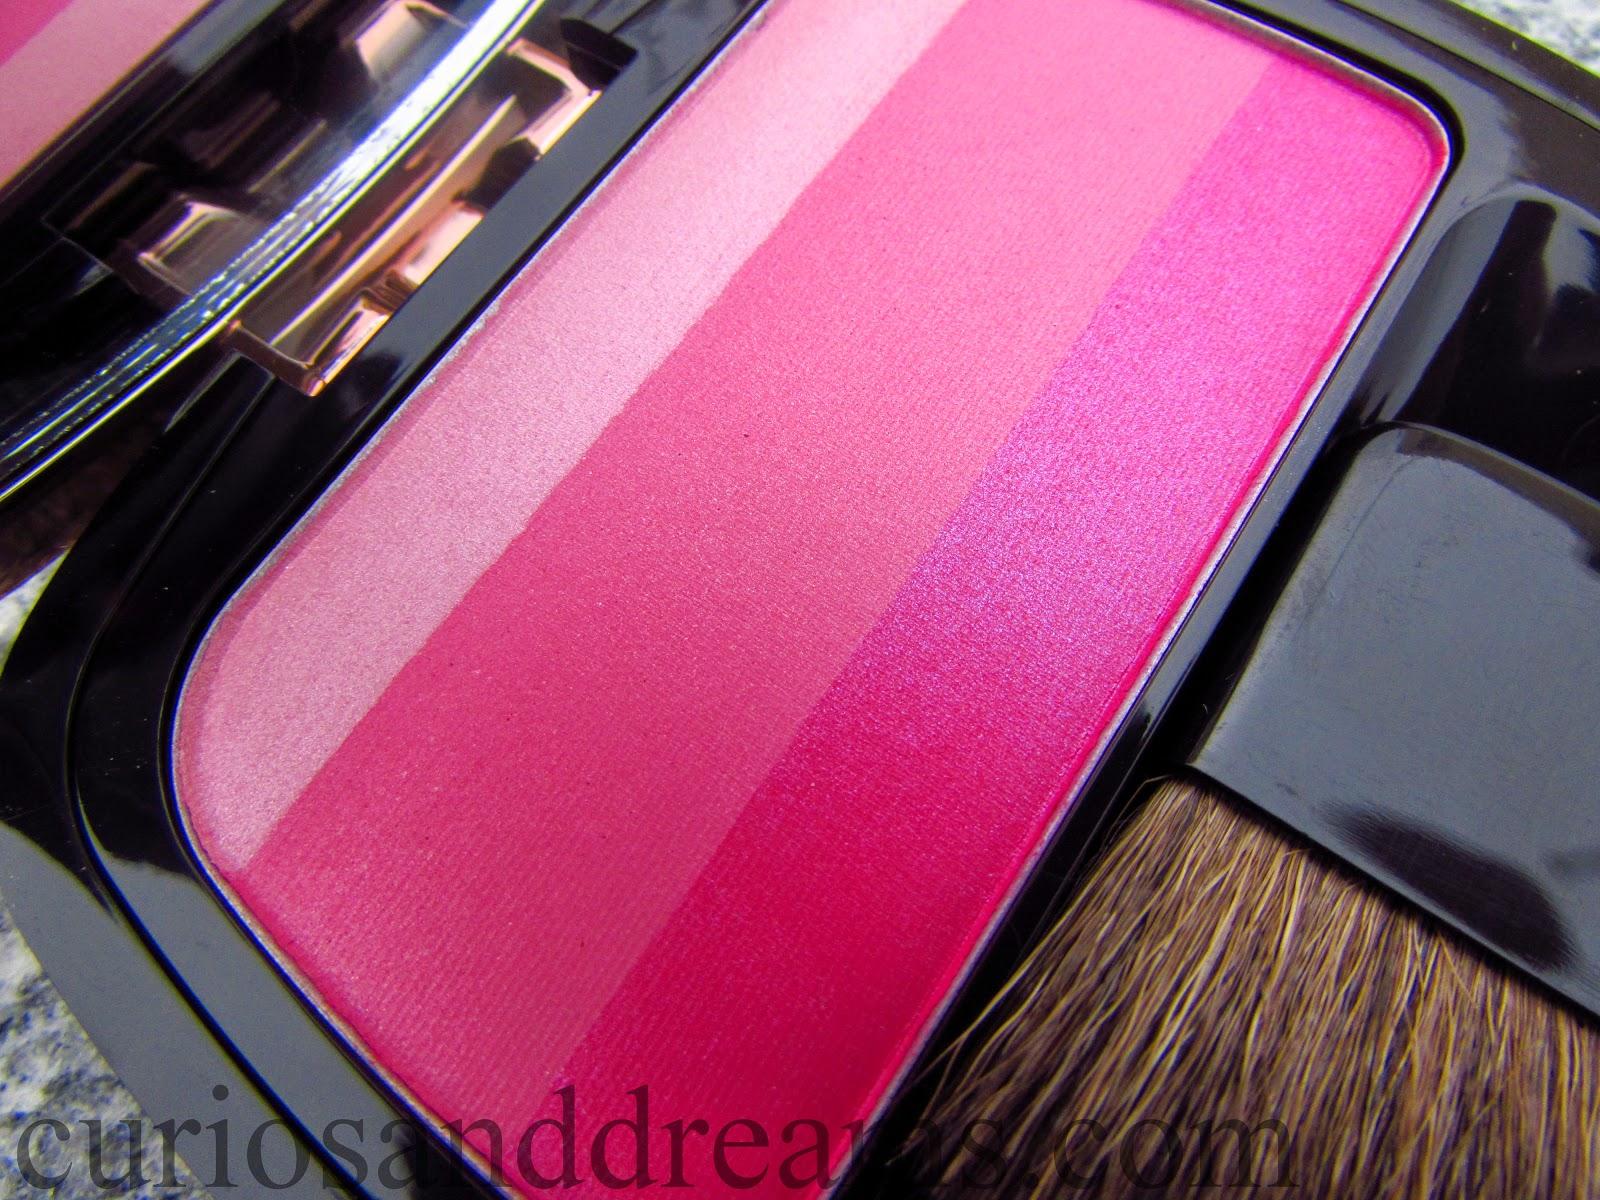 L'Oreal Paris Lucent Magique Blush Fuchsia Flush review, L'Oreal Paris Lucent Magique Blush review, L'Oreal Lucent Magique Blush